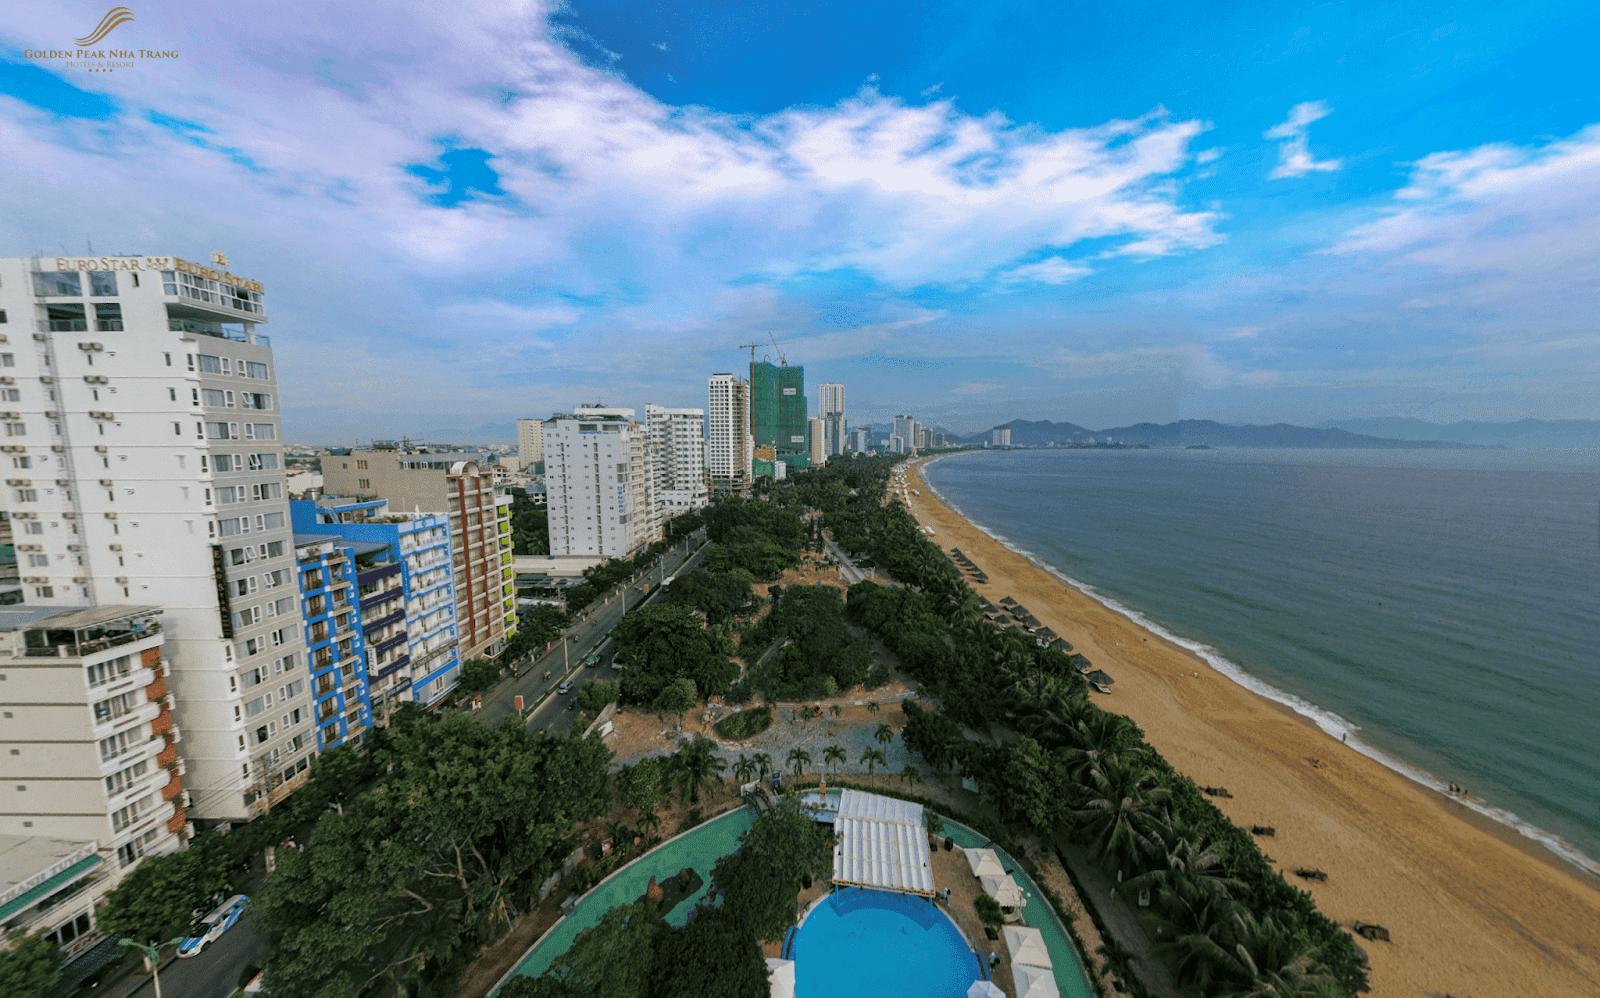 Golden Peak Nha Trang - Dự án căn hộ cao cấp trên trục đường Trần Phú